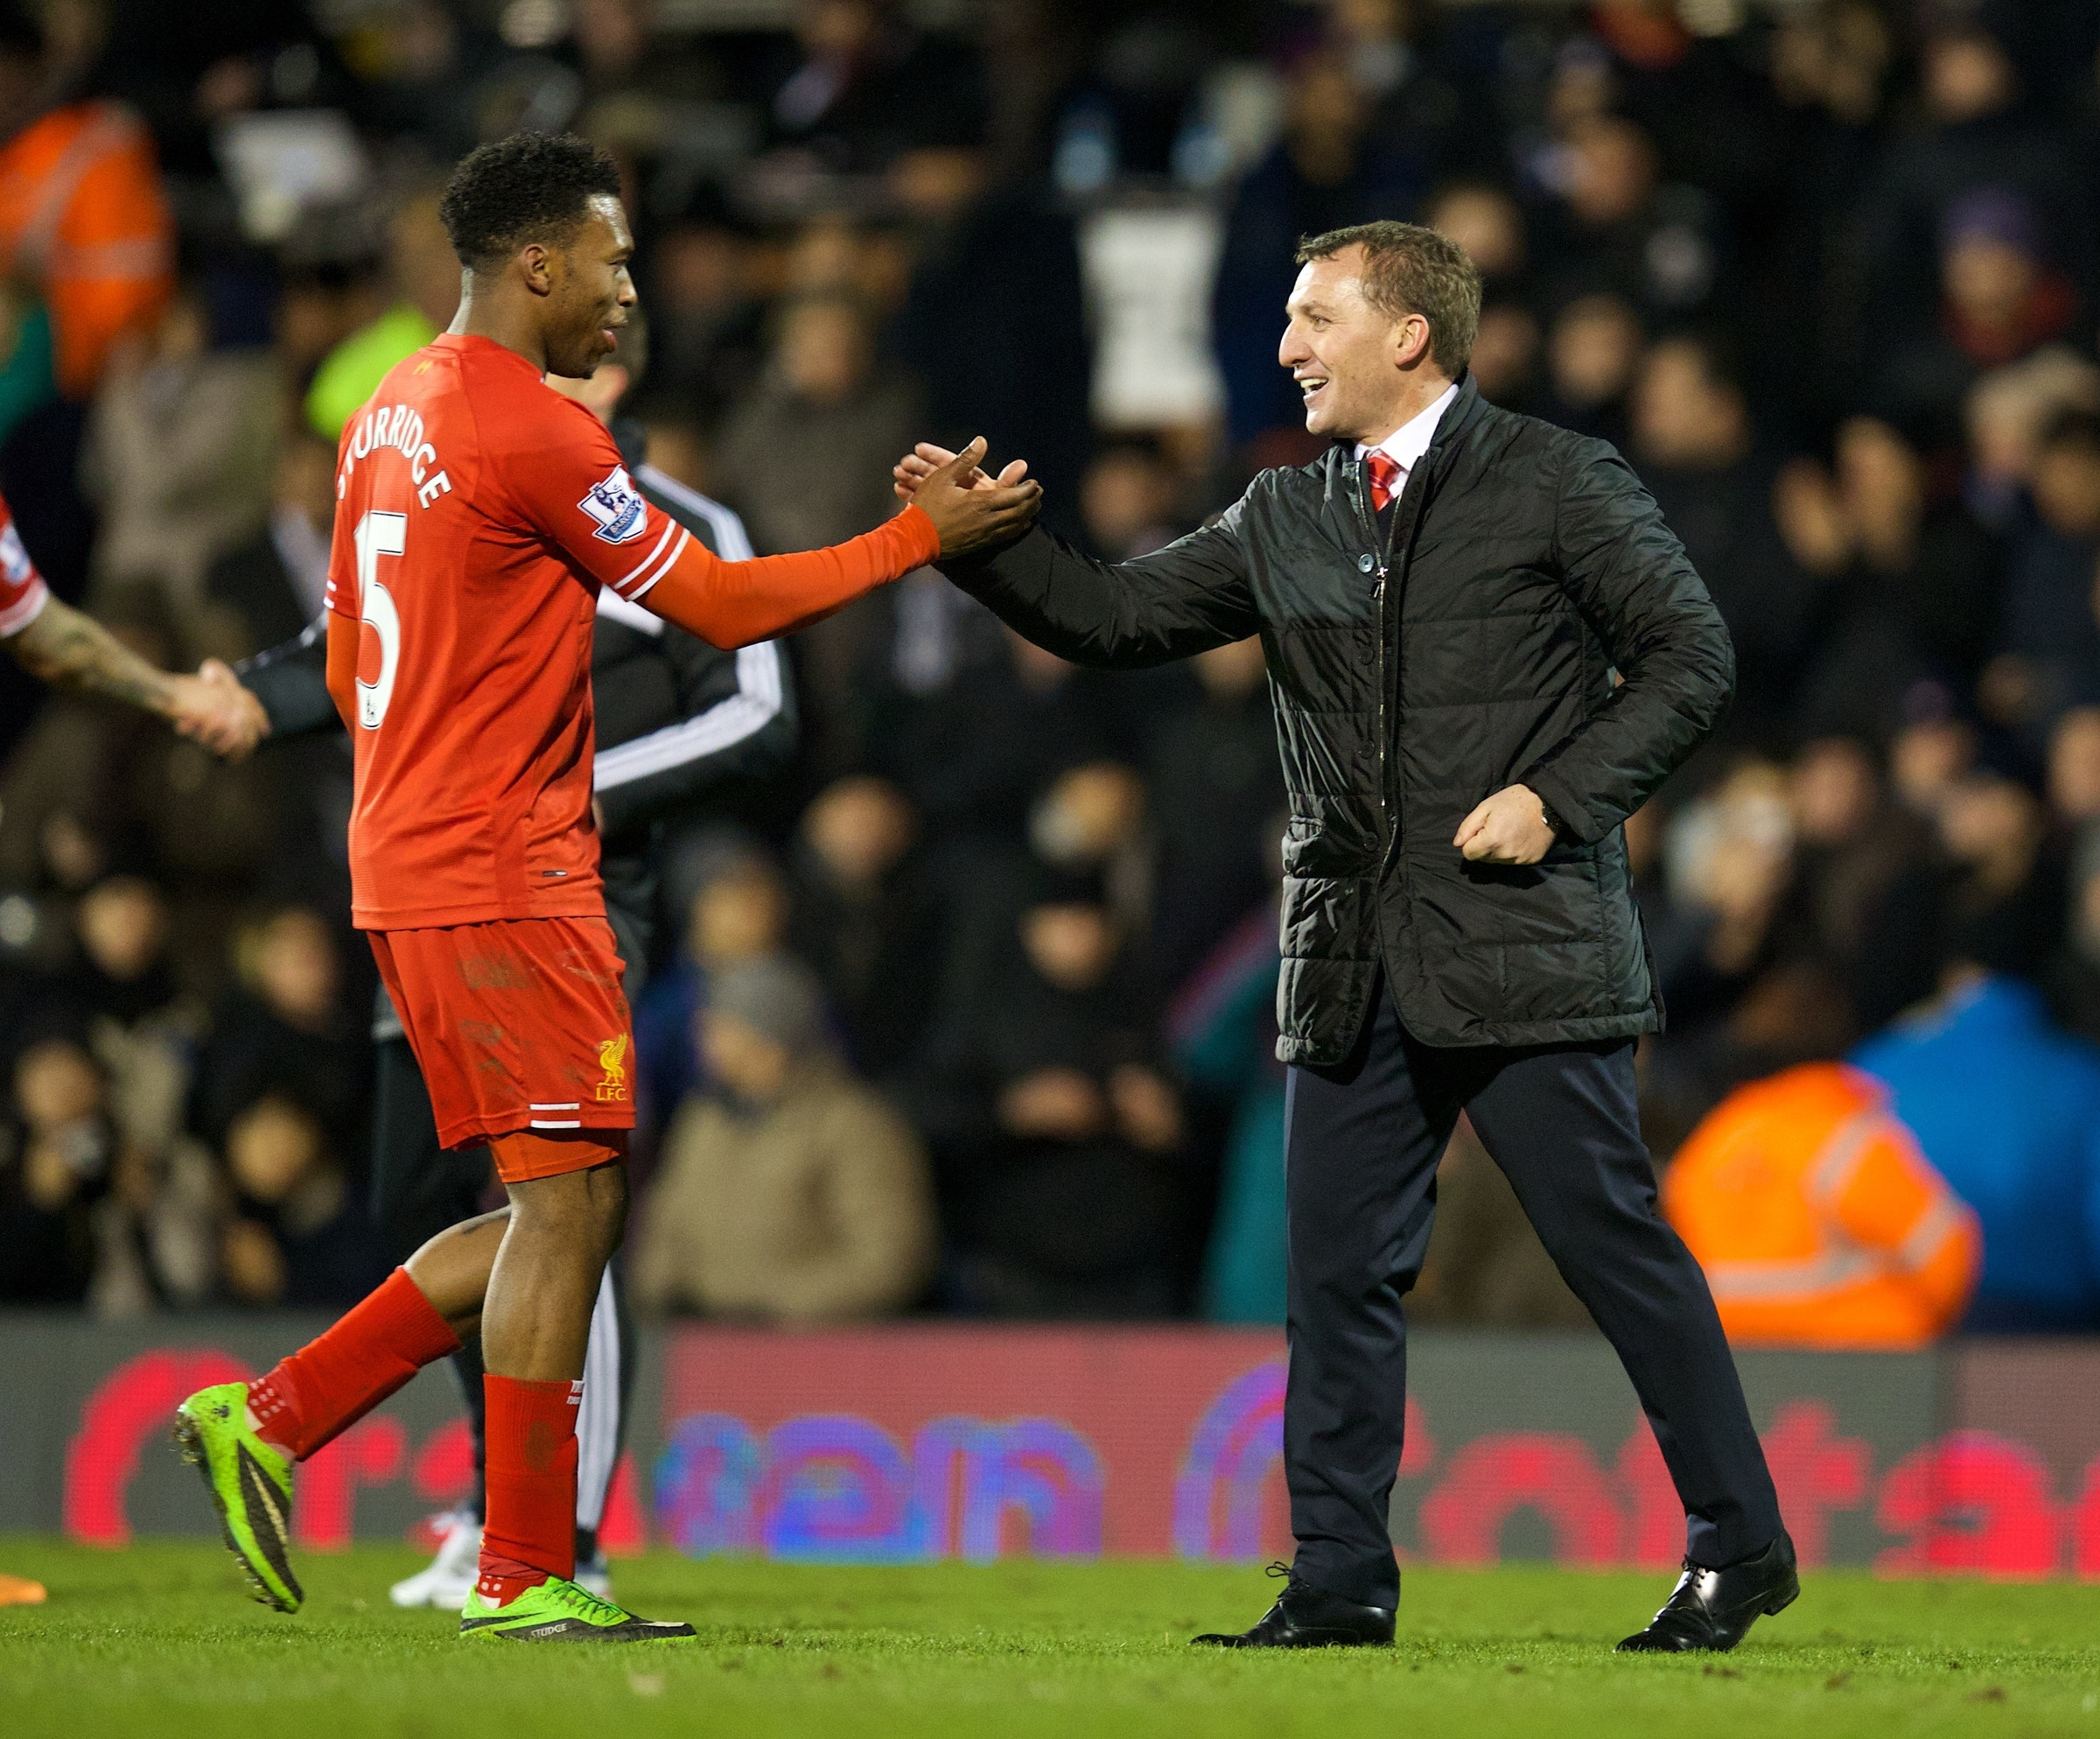 Under Brendan Rodgers var Liverpool nær ved å vinne sin 19. tittel